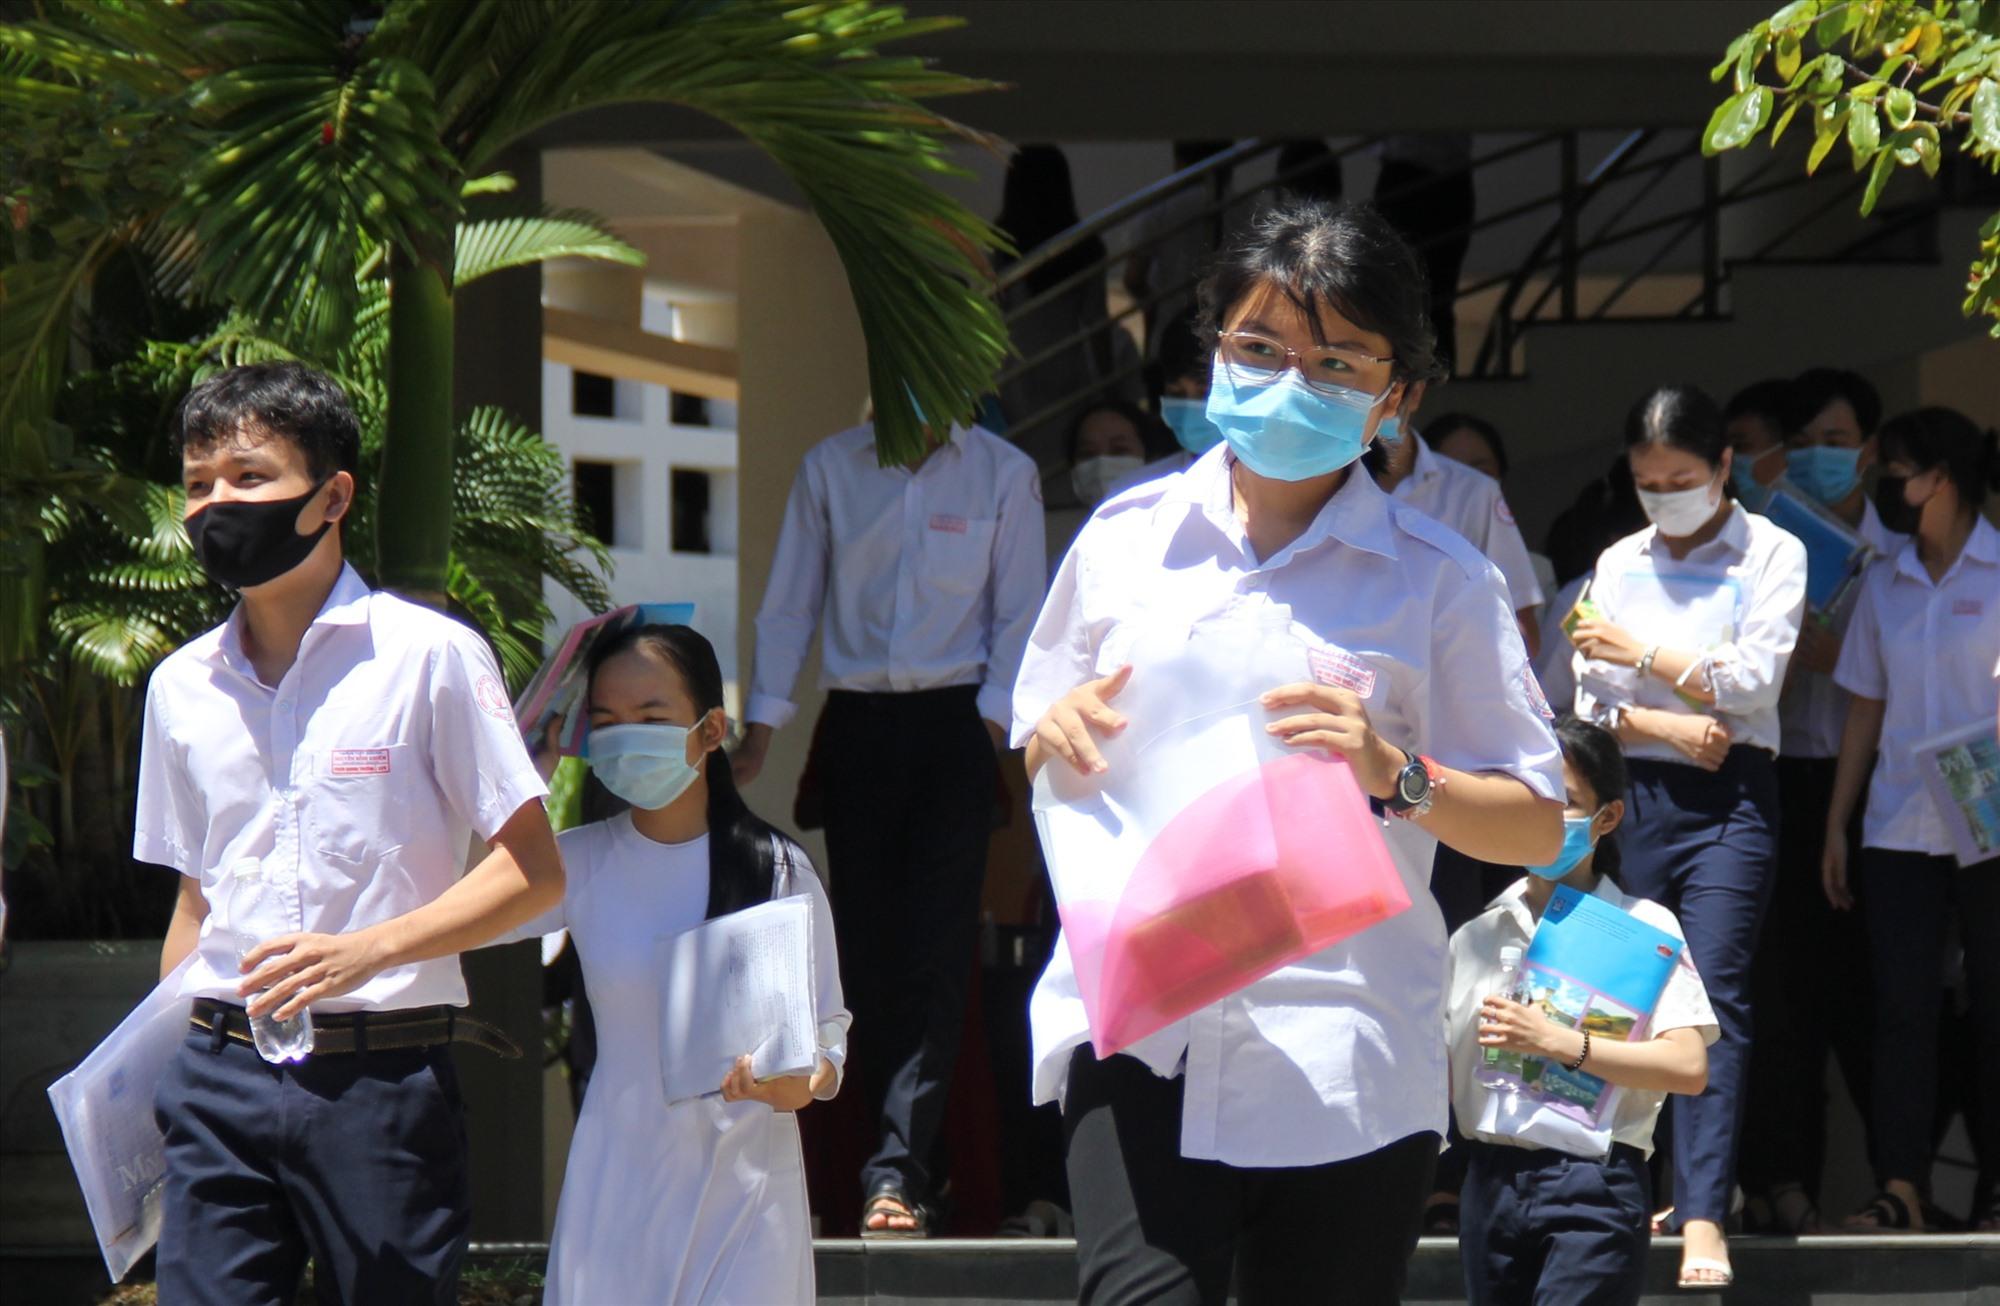 Các thí sinh rời khỏi phòng thi trong điều kiện thời tiết nắng nóng. Ảnh: A.N